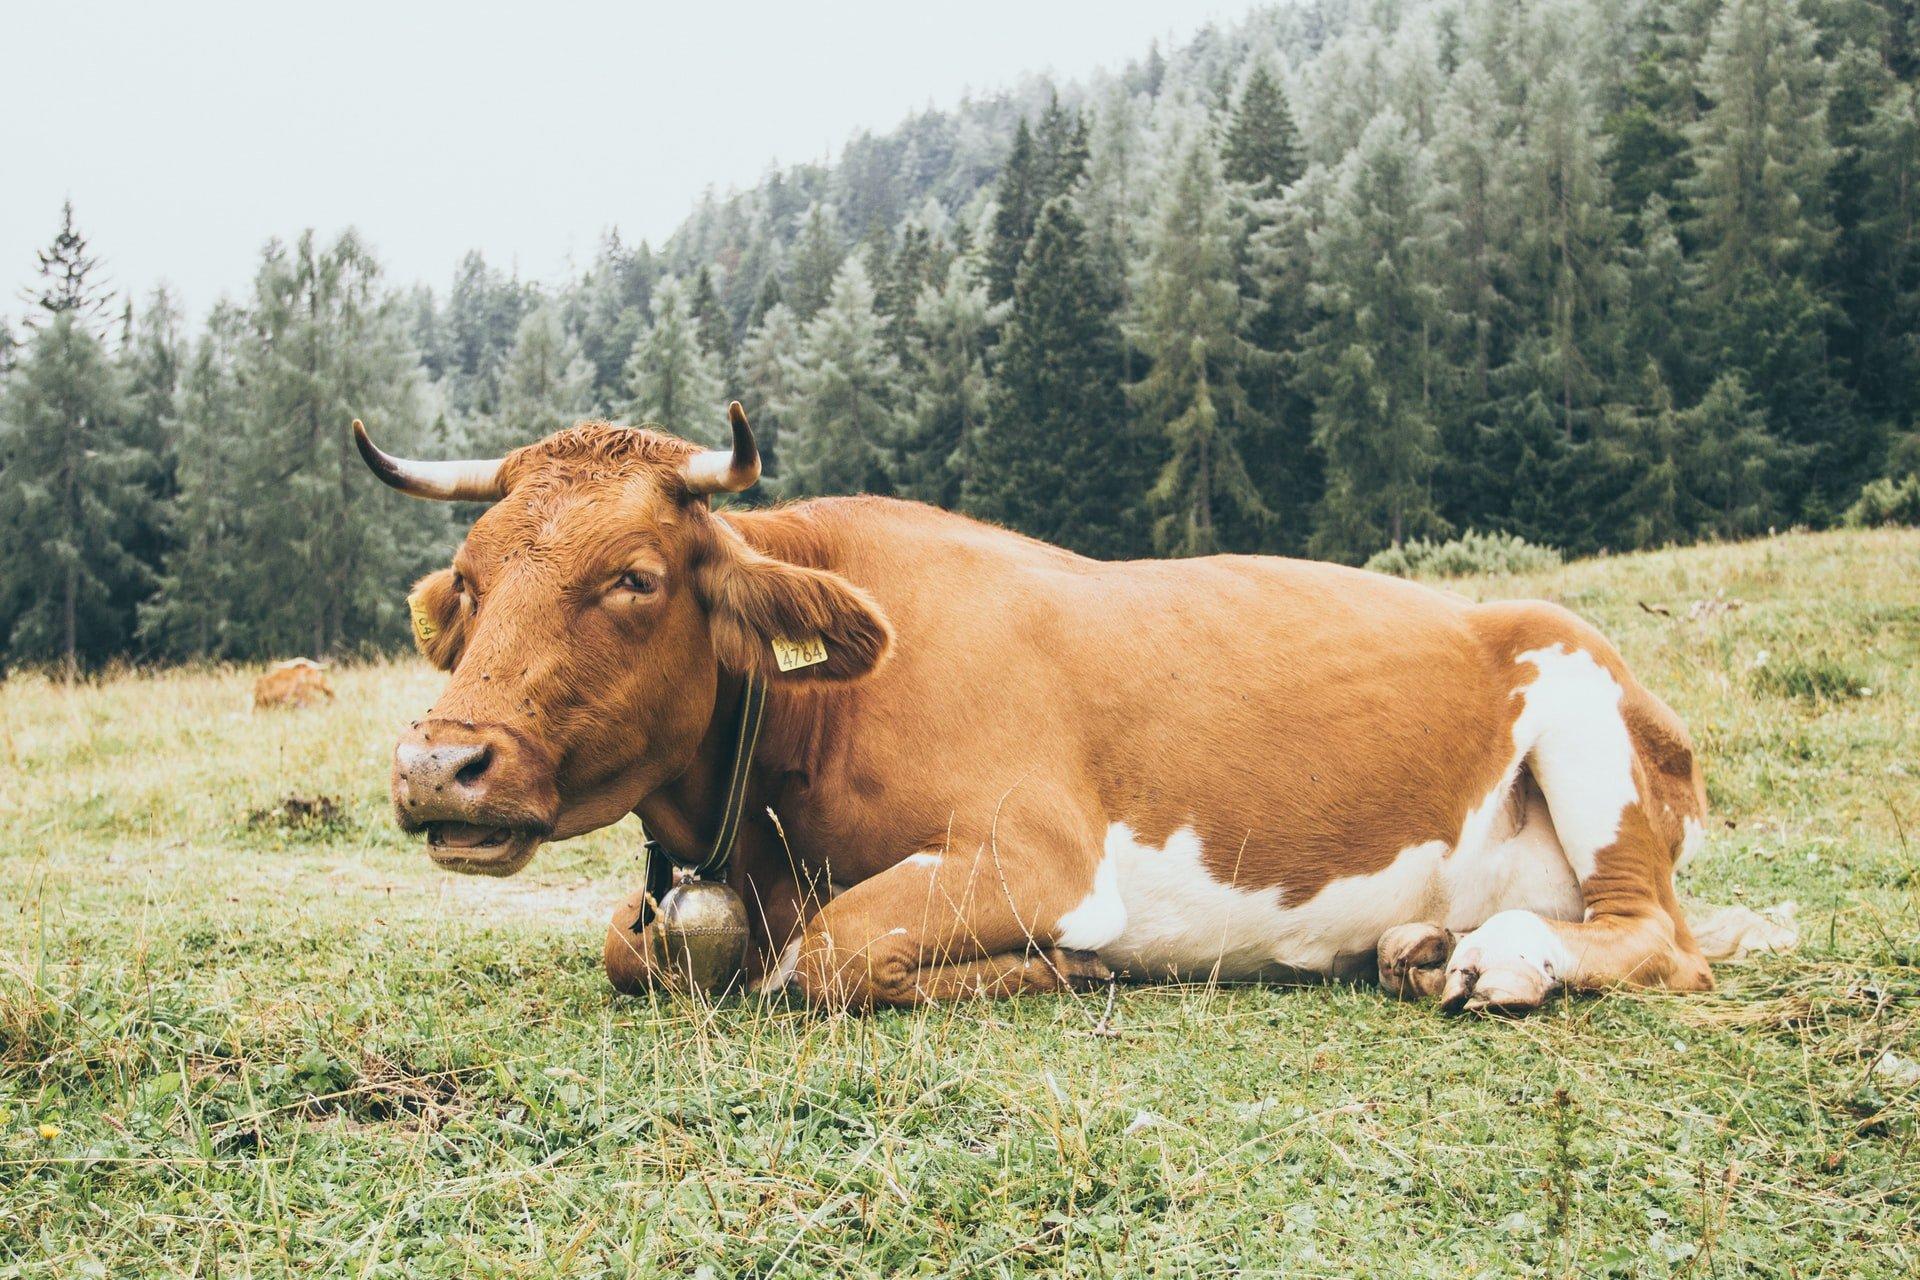 cow in Triglav national park in Slovenia